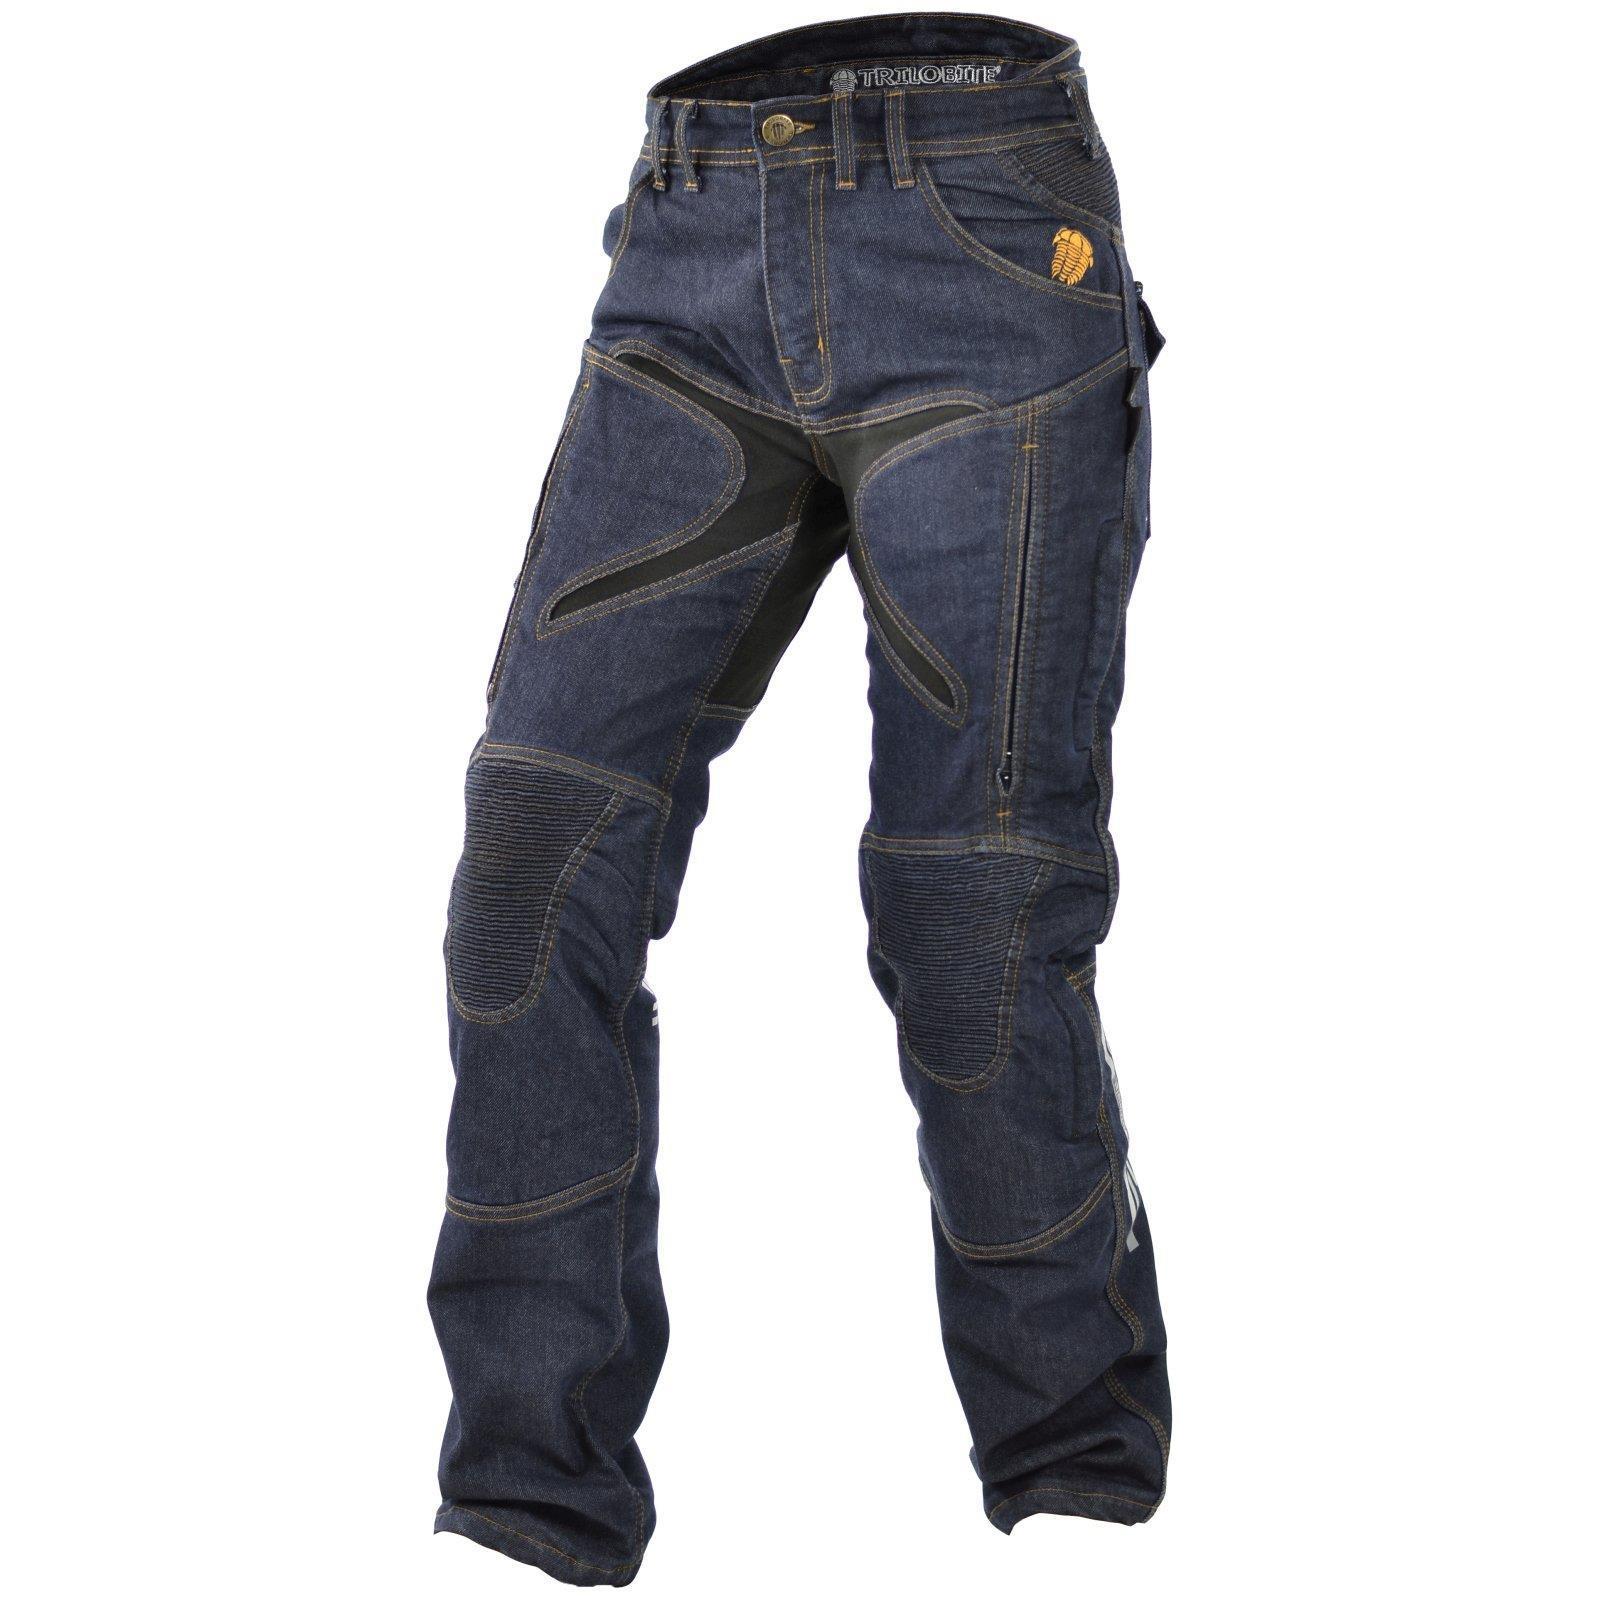 trilobite probut x factor damen motorrad jeans hose. Black Bedroom Furniture Sets. Home Design Ideas